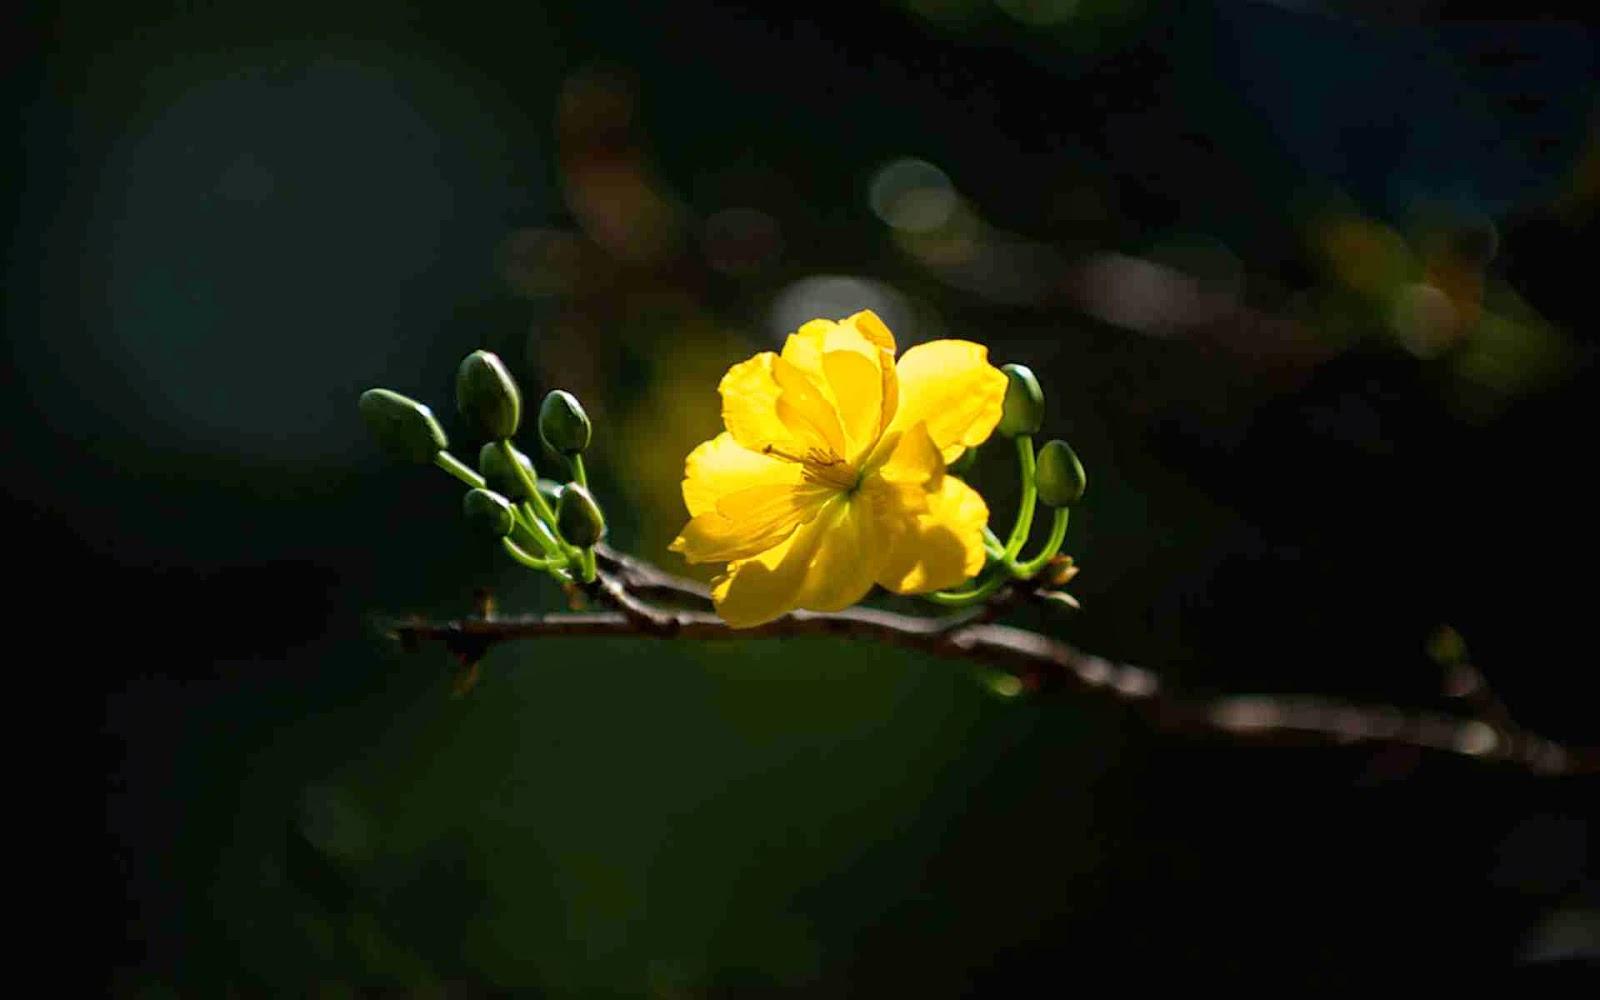 tải ảnh hoa mai đẹp nhất